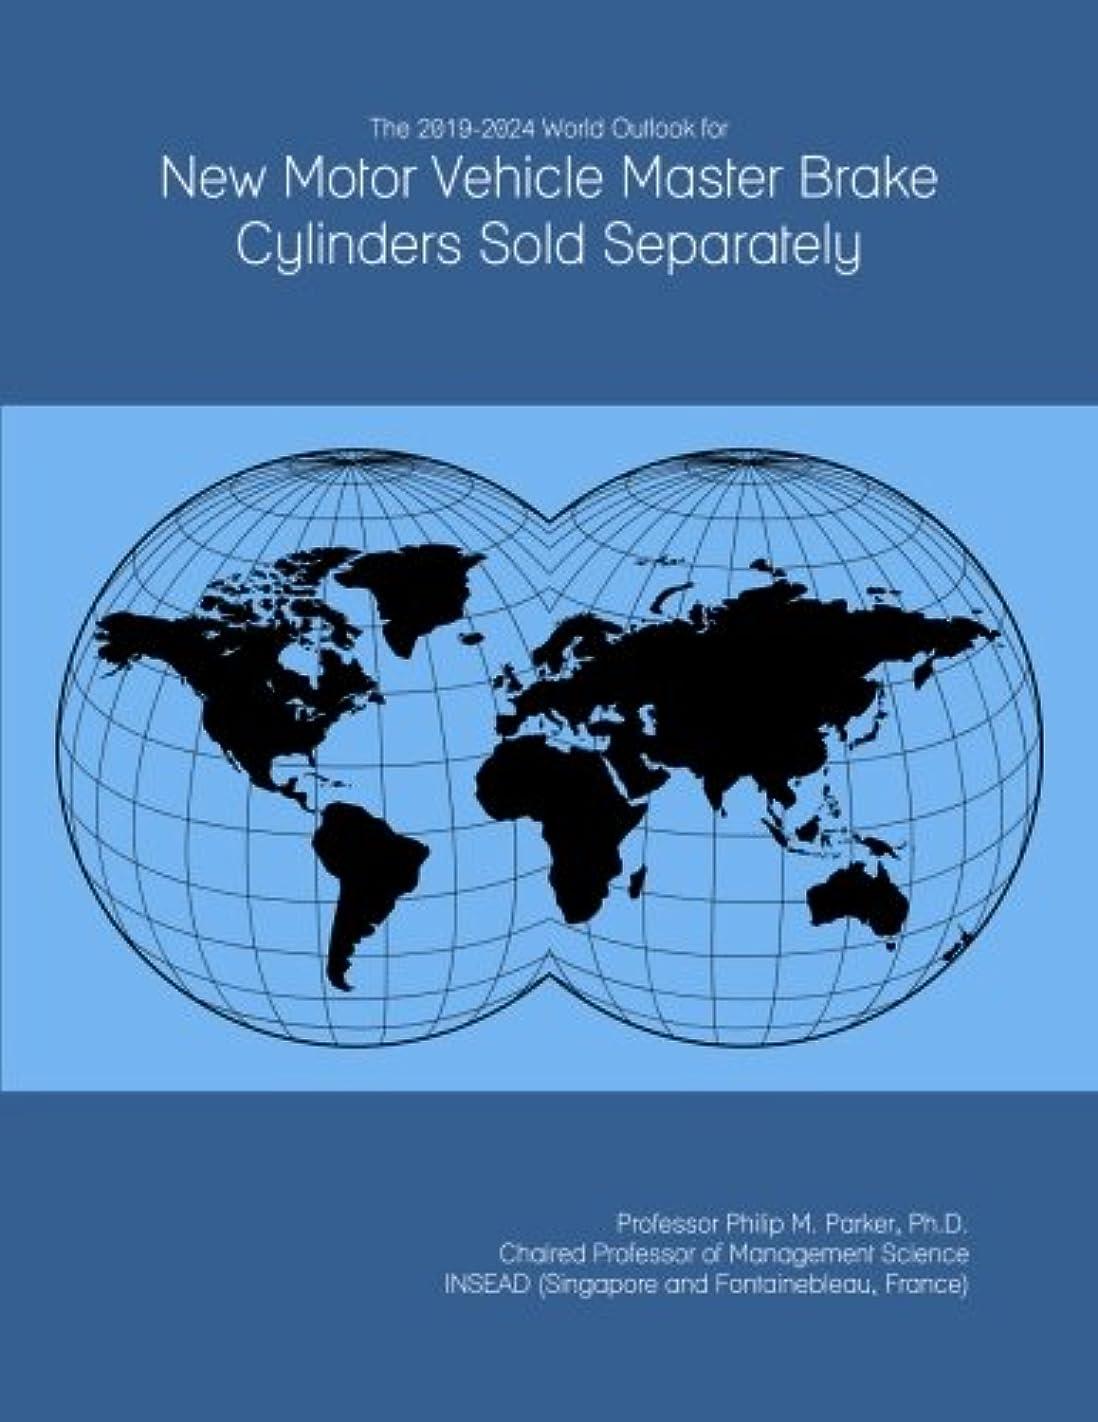 薄めるモック戻るThe 2019-2024 World Outlook for New Motor Vehicle Master Brake Cylinders Sold Separately